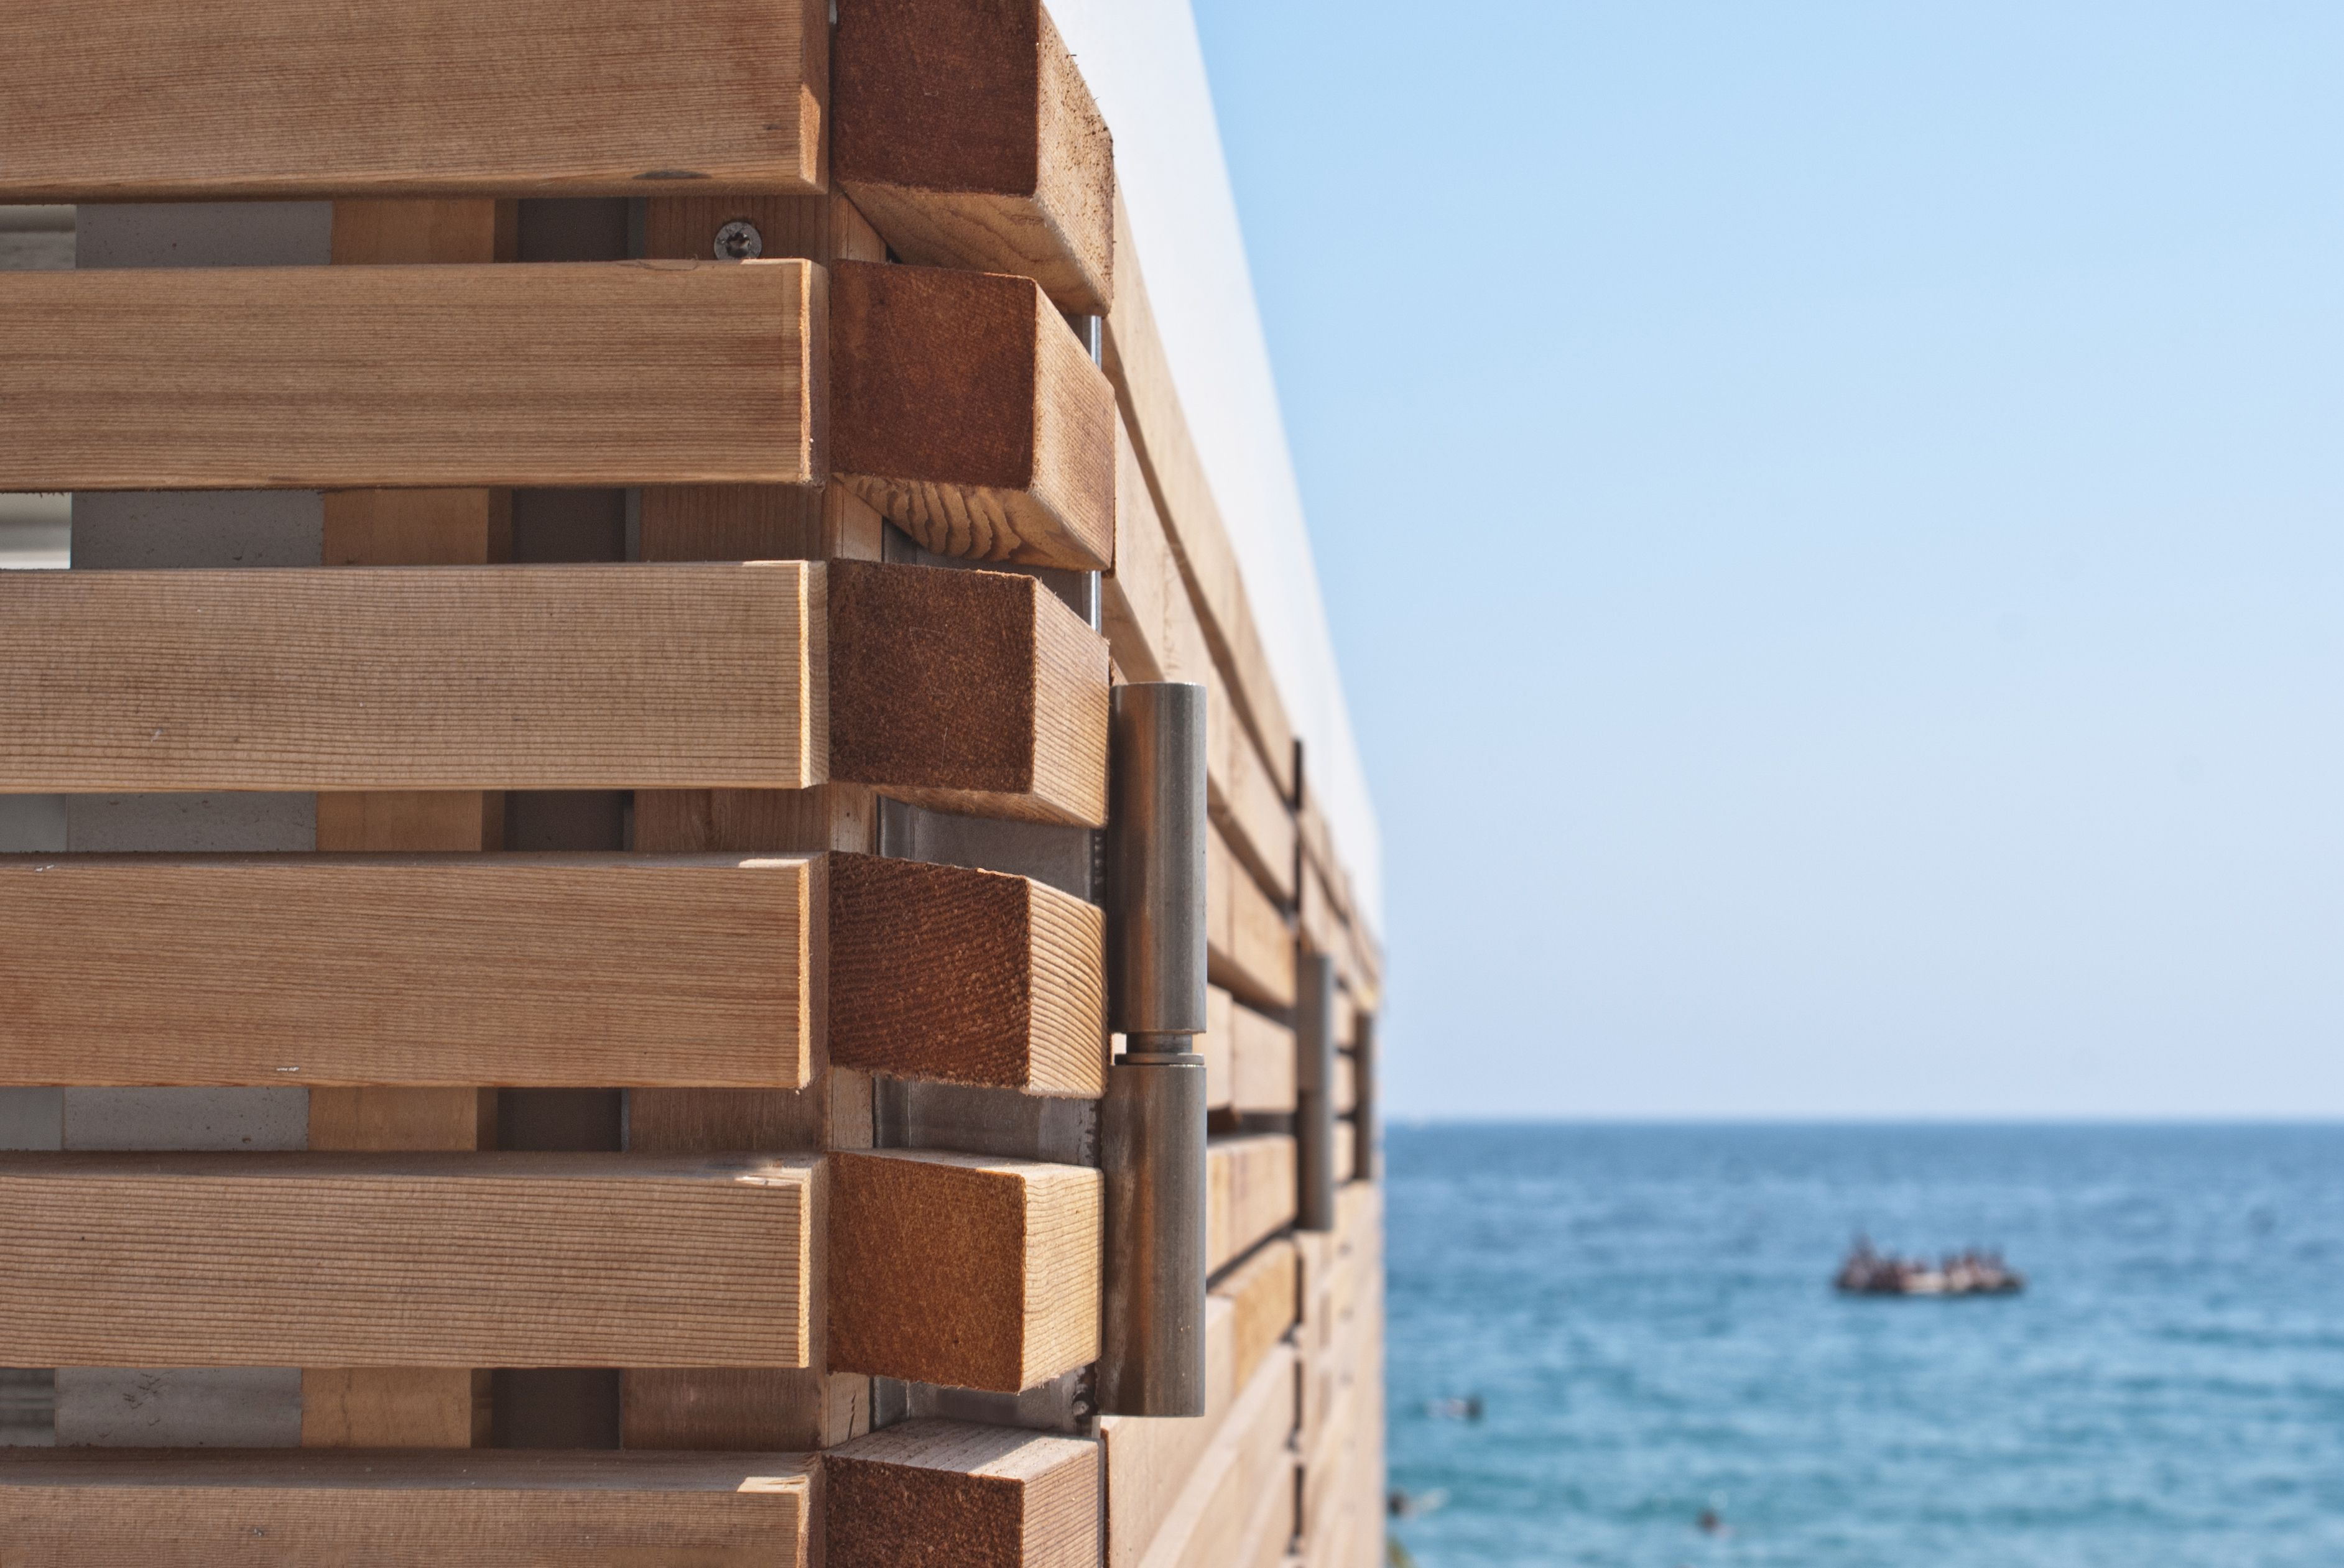 Stabilimenti balneari a Cannes, Francia! Rivestimento con listelli ...